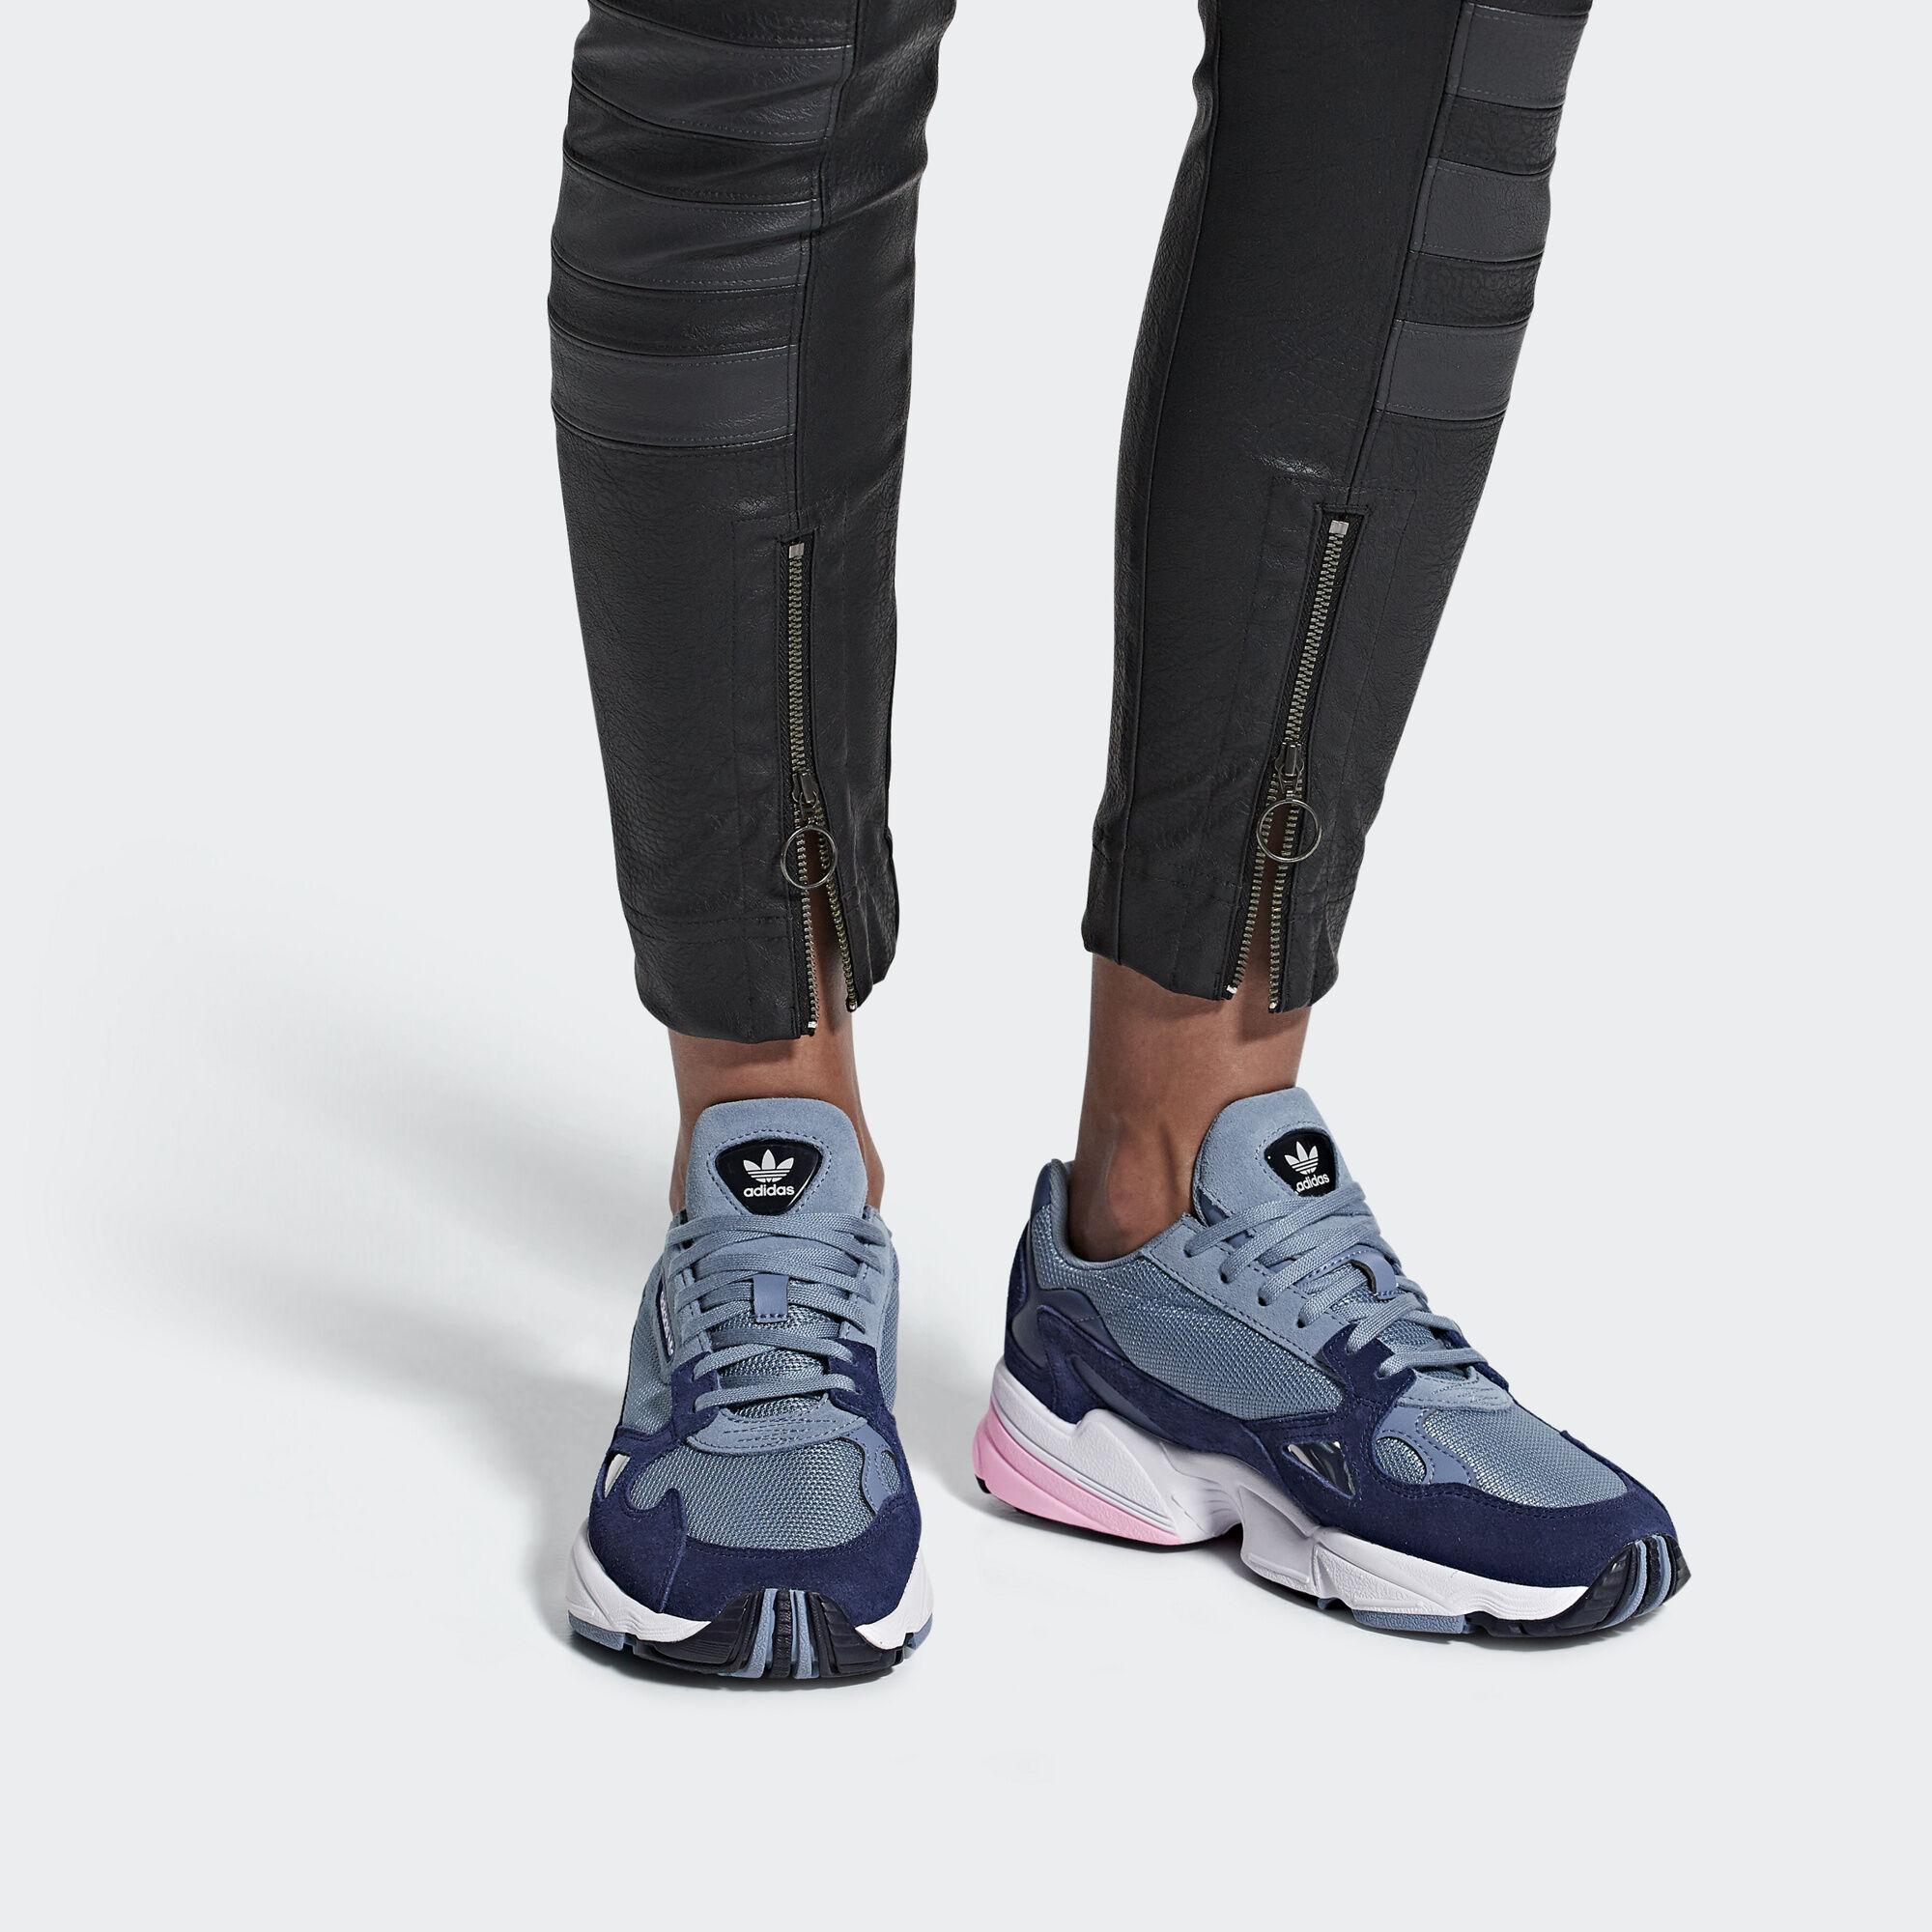 ecdf11f526b adidas Falcon Shoes - Grey